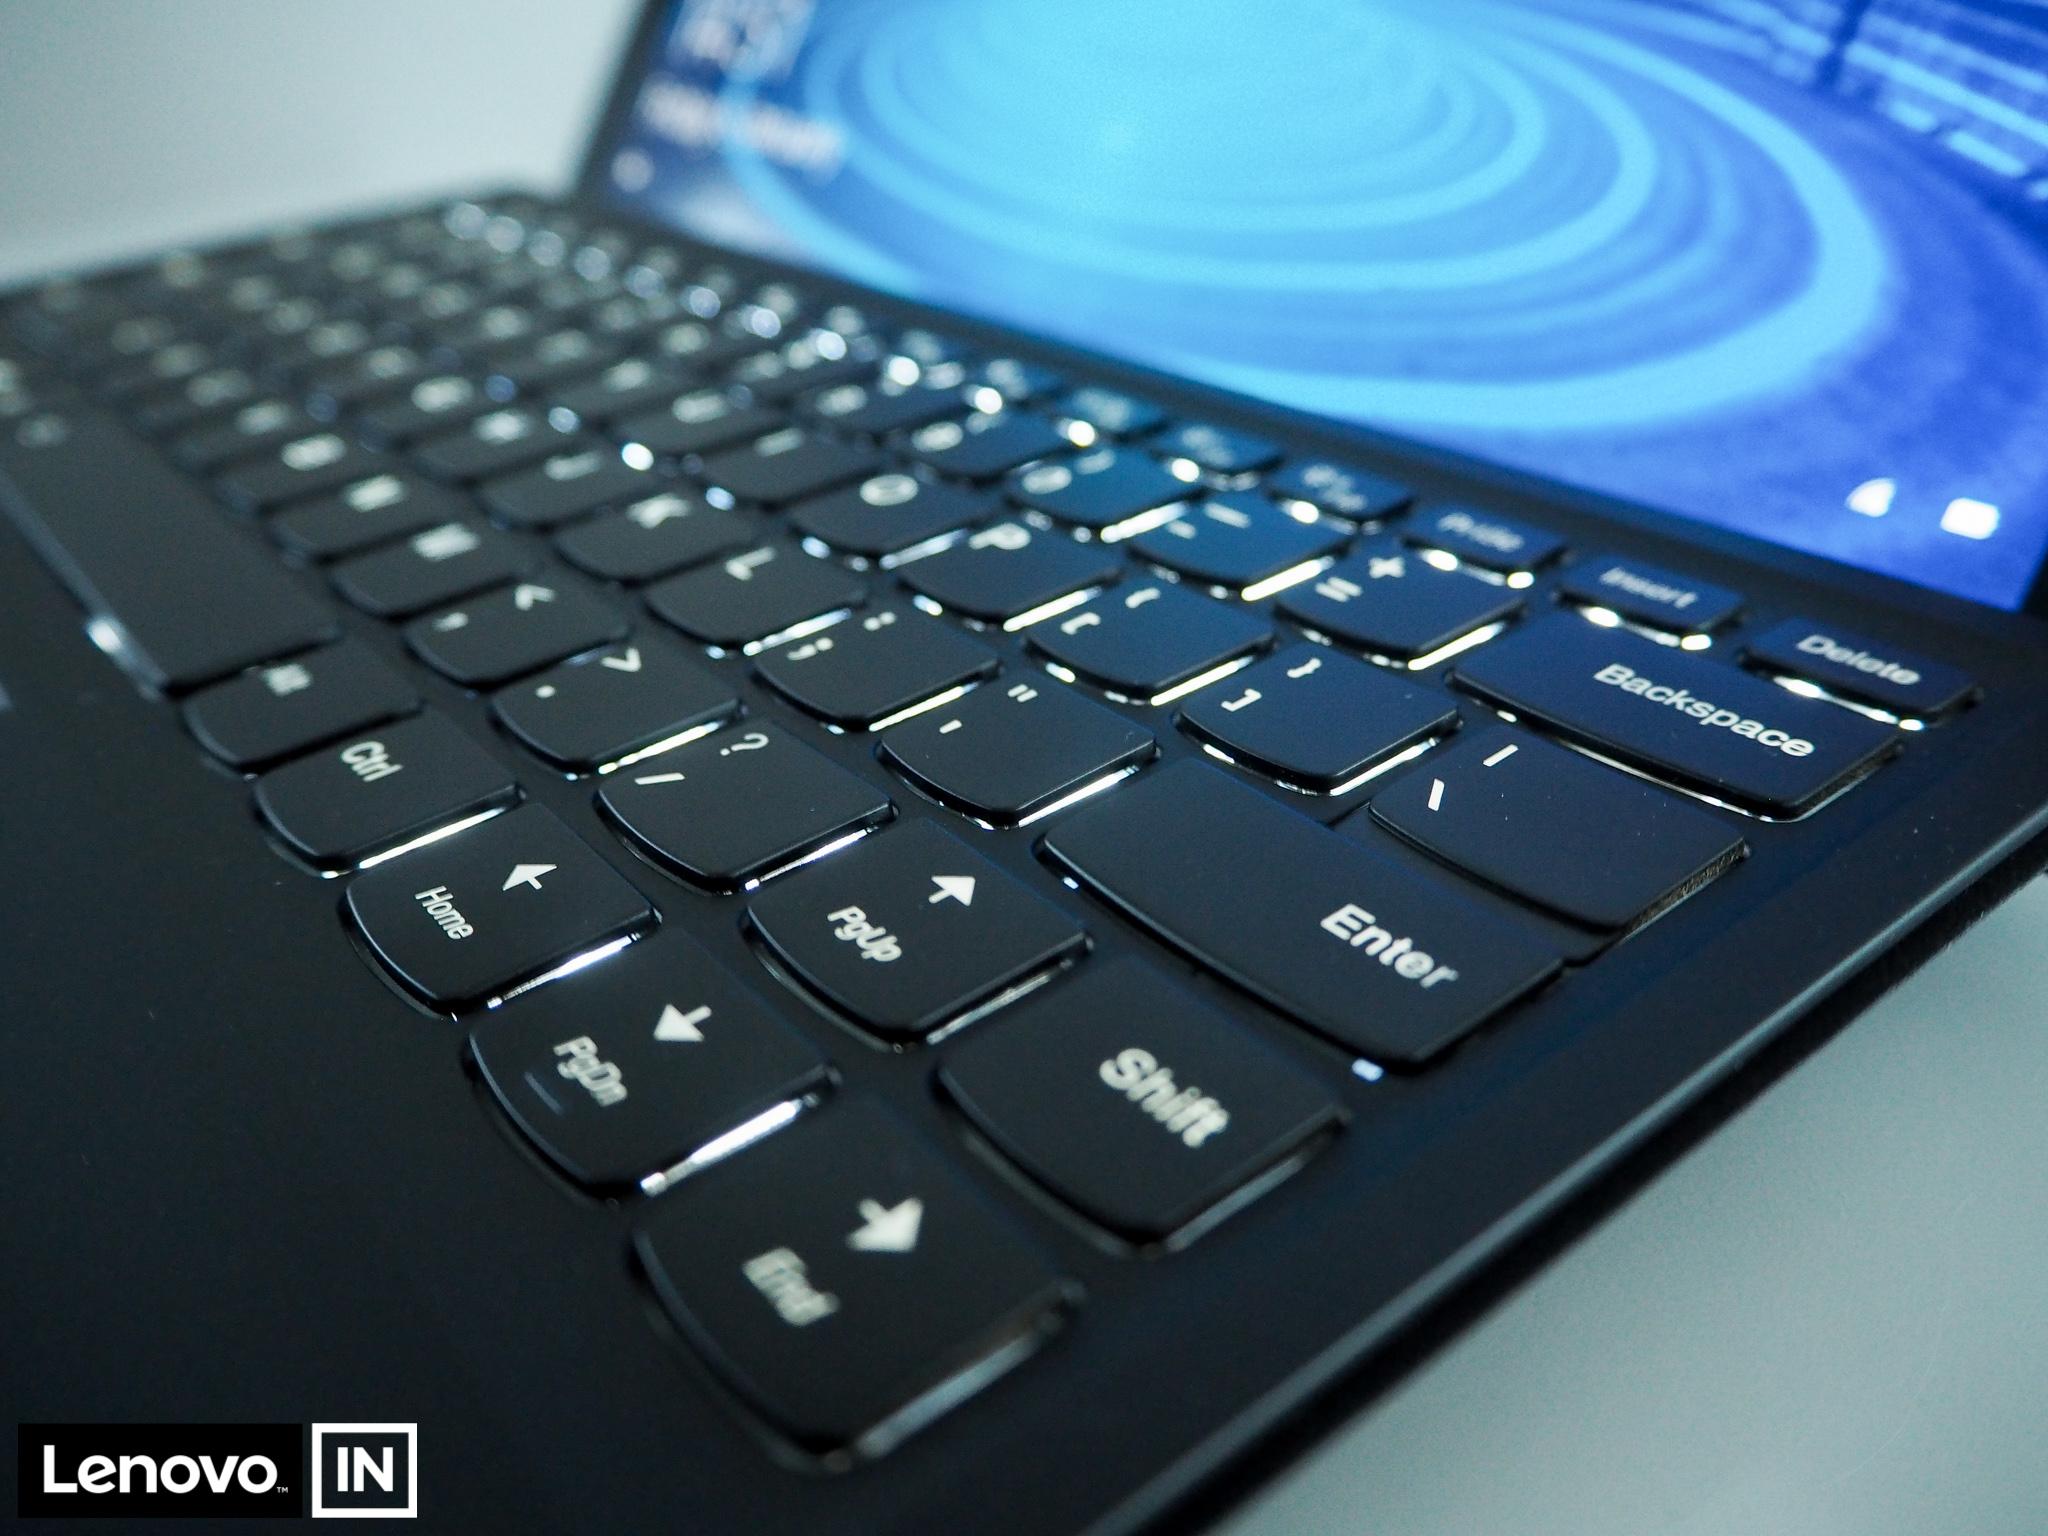 Lenovo Miix 510 hands-on review - LenardGunda com